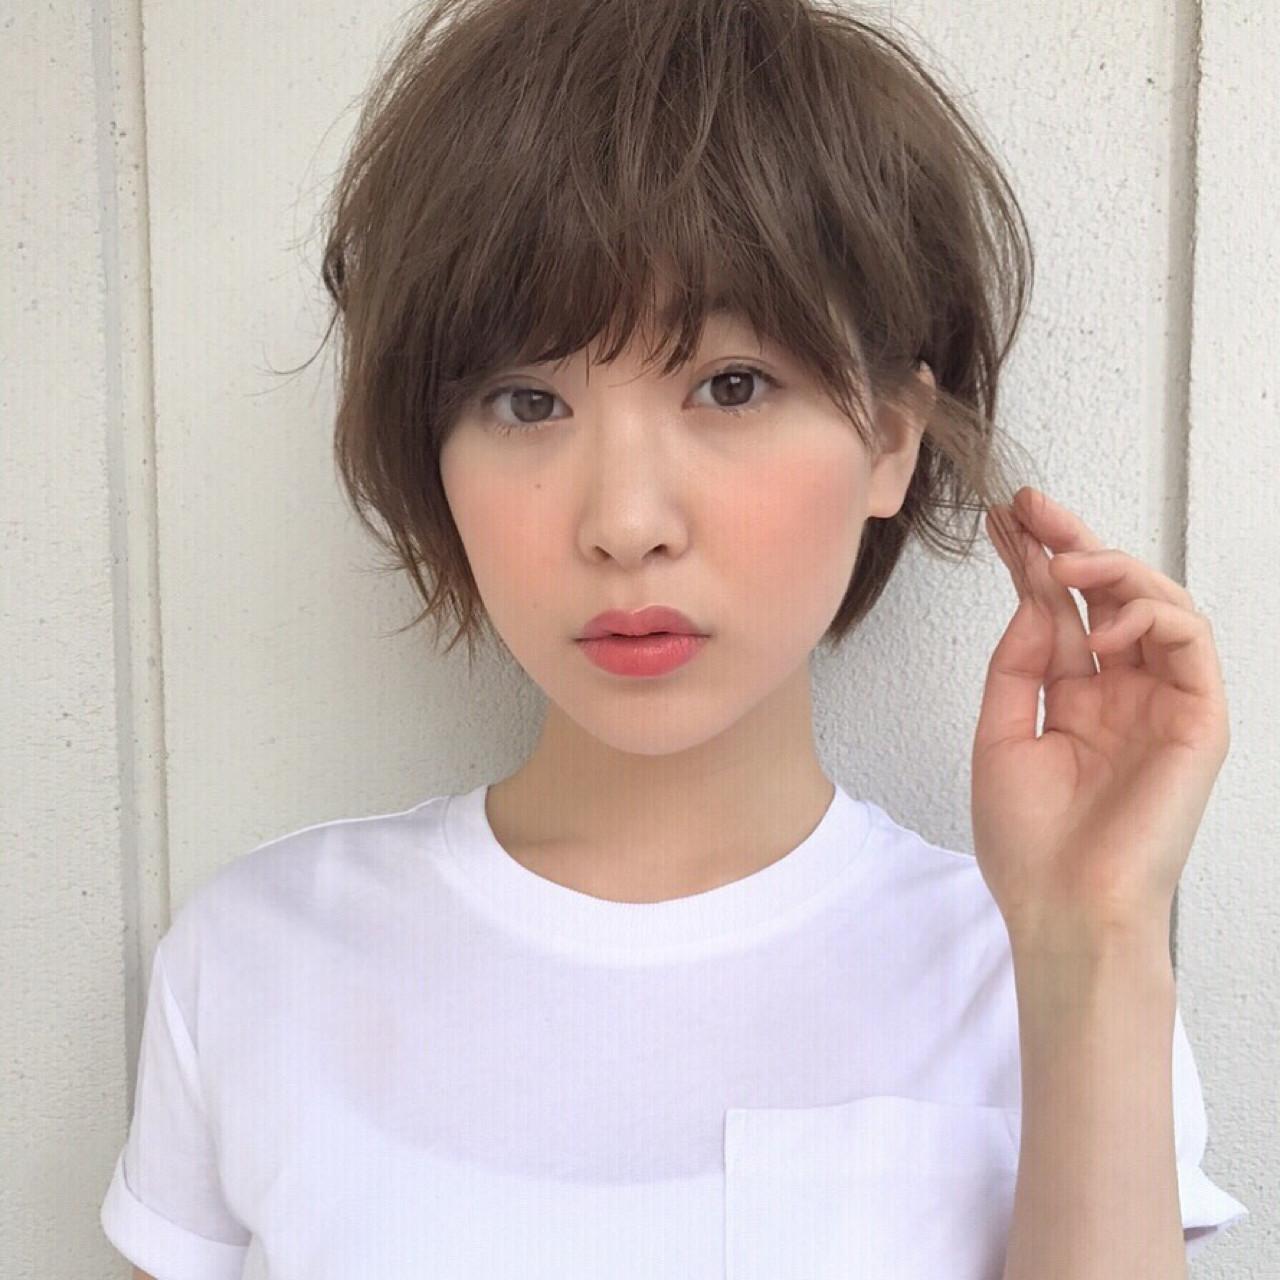 縦ラインを強調しないのが小顔に見せるコツ 高橋苗 | GARDENharajuku